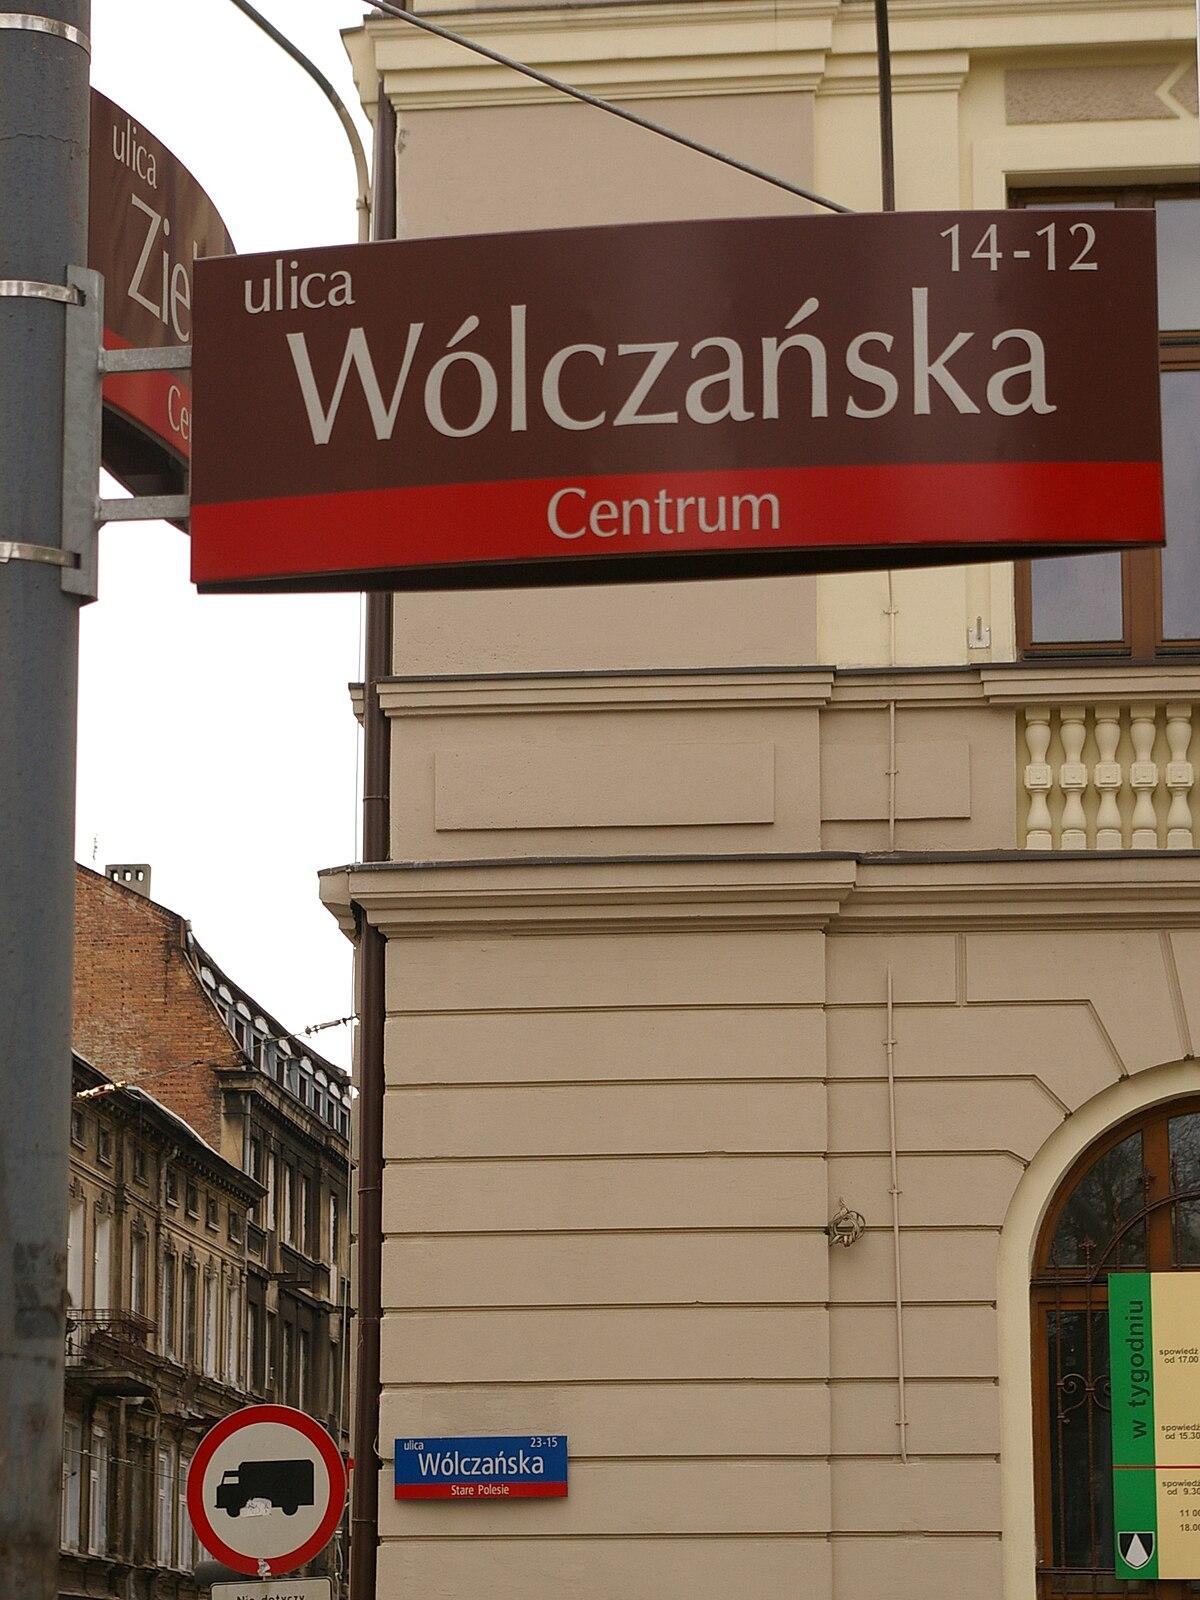 Ulica Wólczańska W łodzi Wikipedia Wolna Encyklopedia